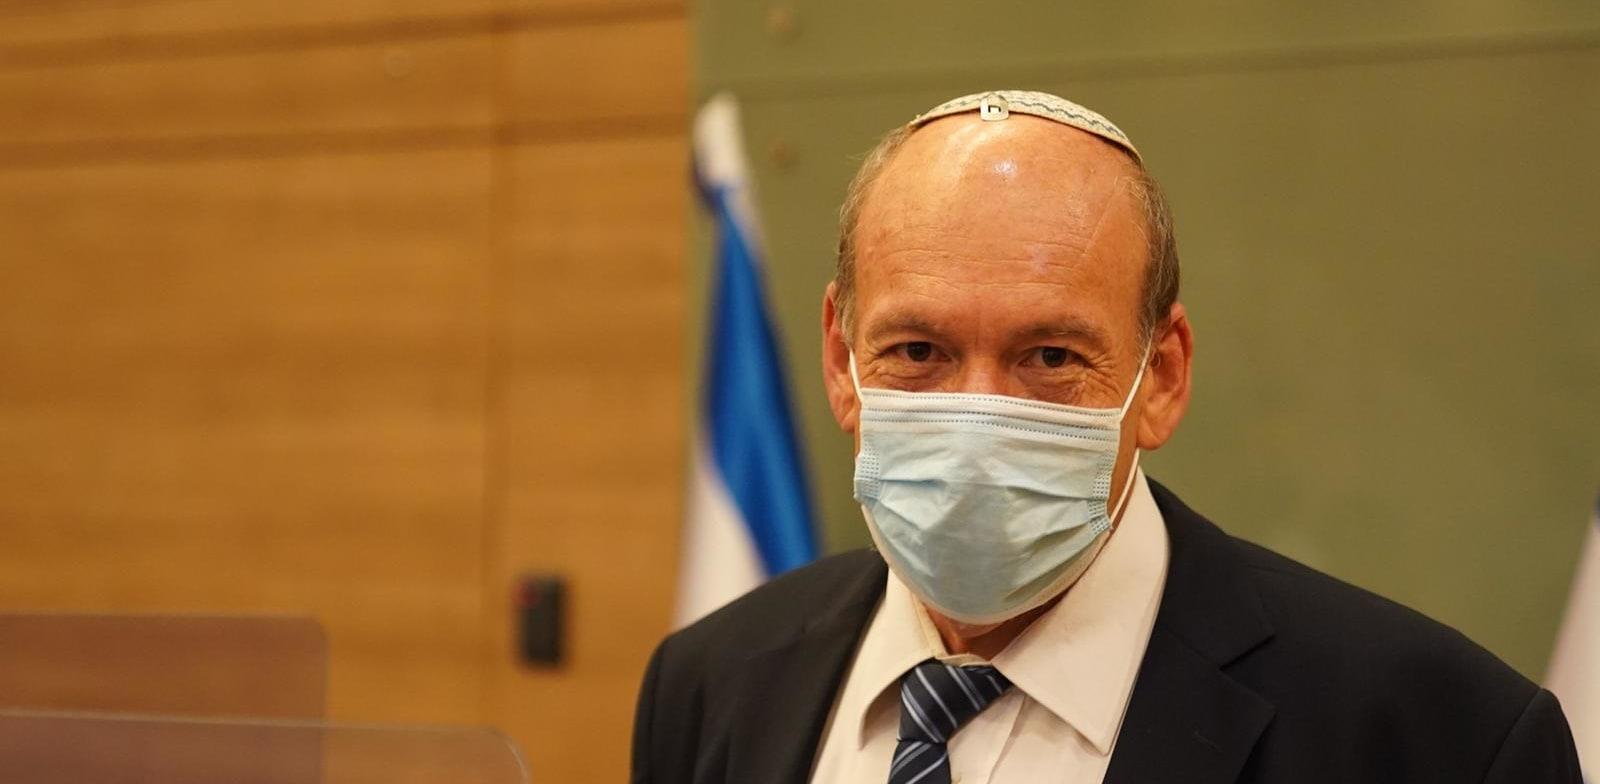 מבקר המדינה מתניהו אנגלמן / צילום: דוברות הכנסת